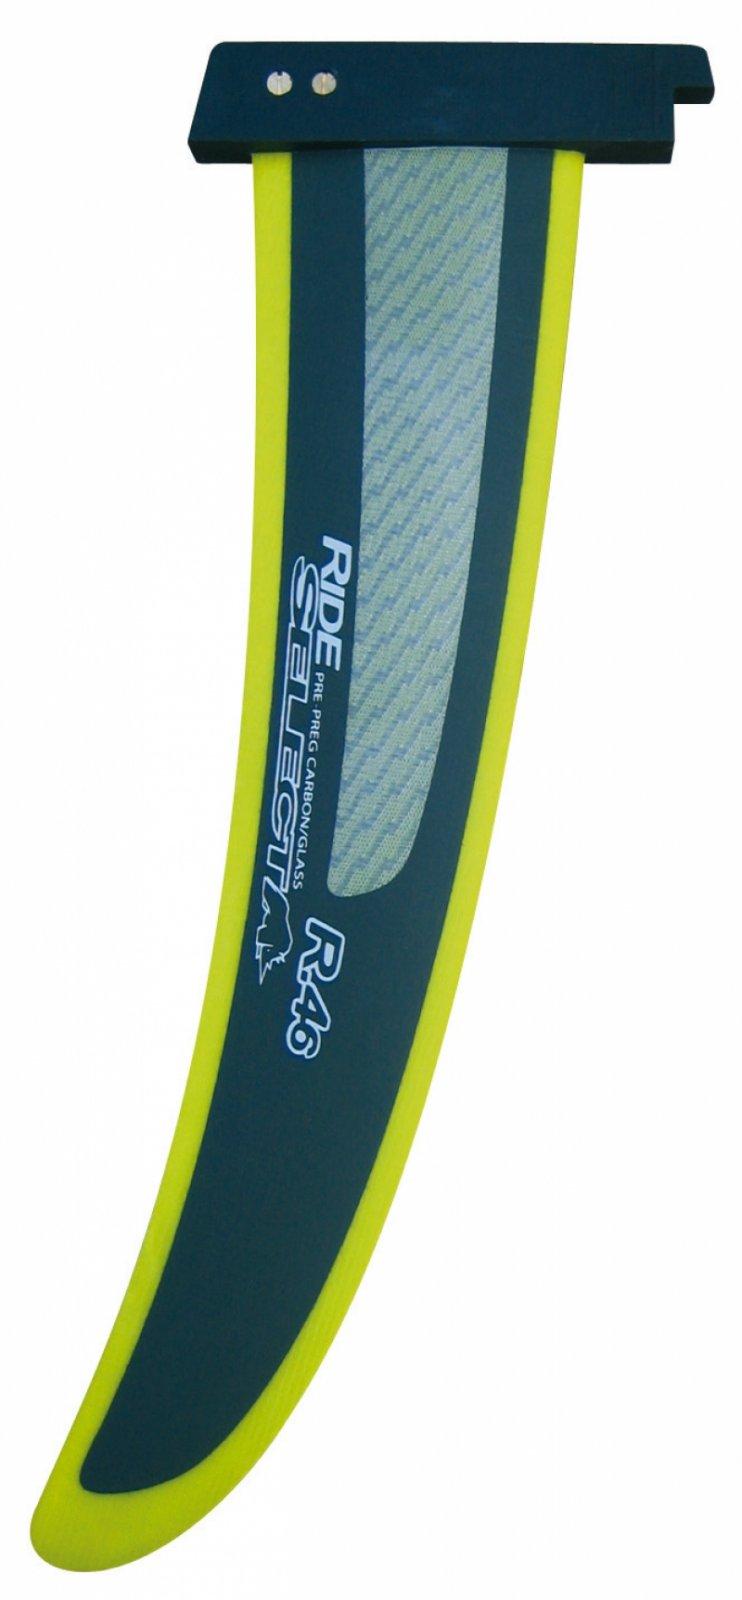 Bic 46cm Trim Box Fin